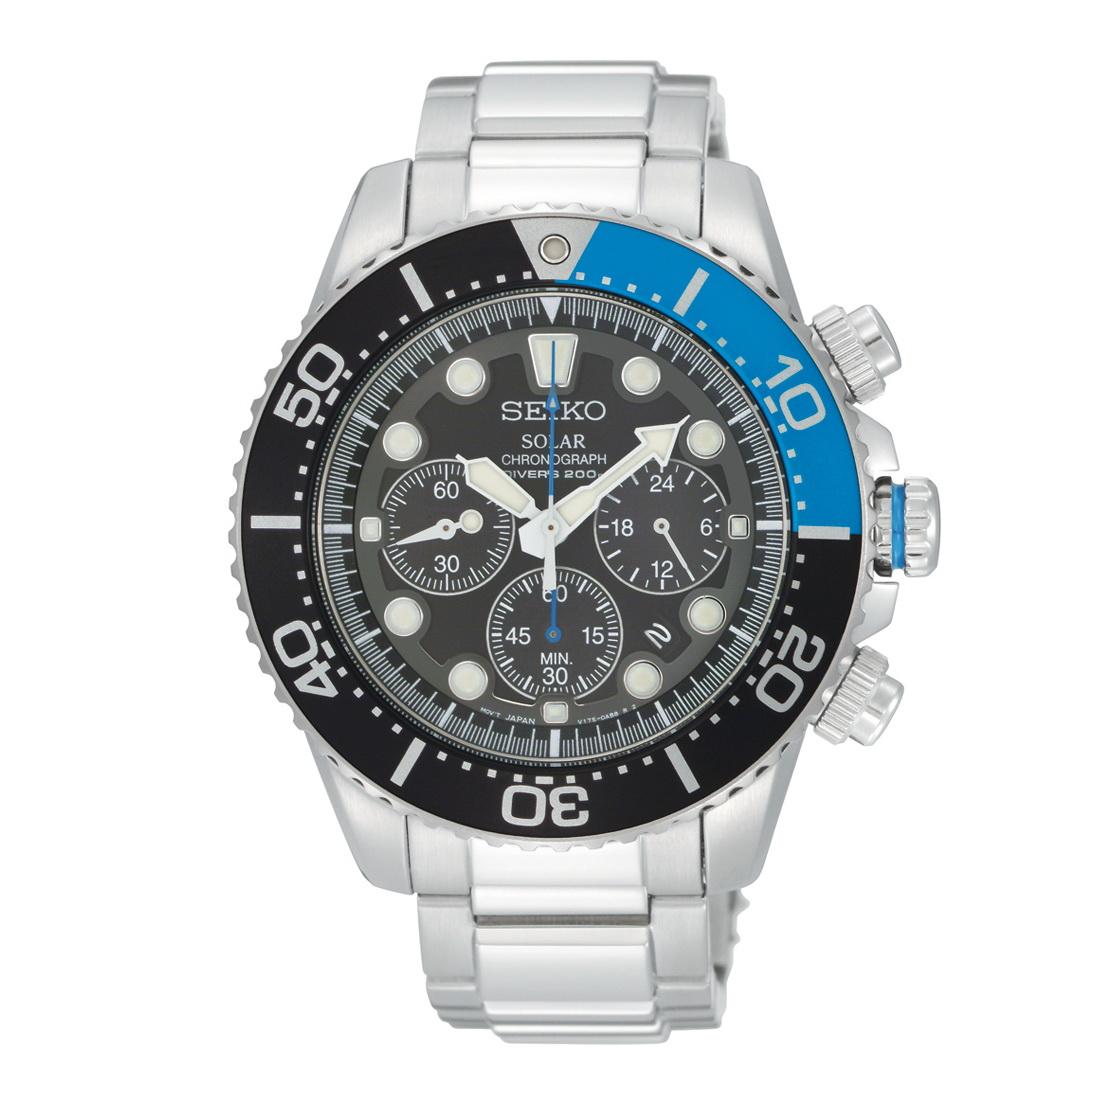 Oceanictime seiko solar chronograph diver ref ssc017p for Seiko solar